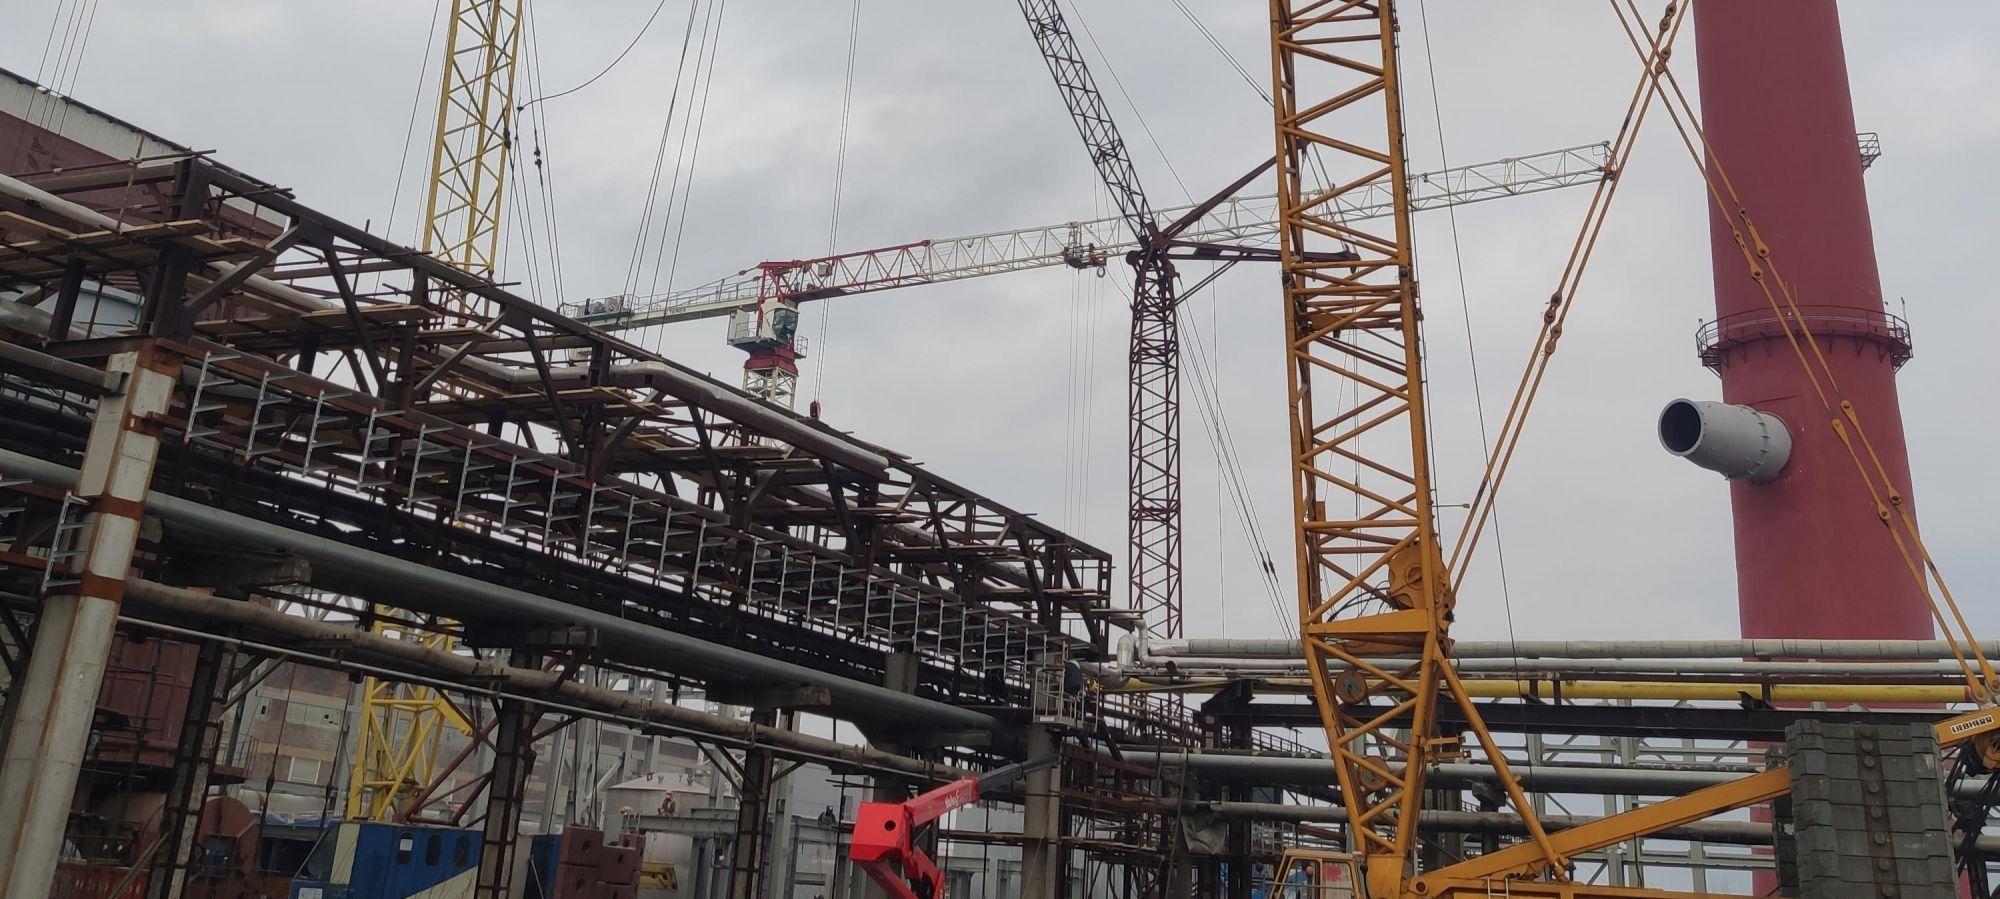 Трест Коксохиммонтаж участвует в модернизации комплекса по производству минеральных удобрений в Волхове